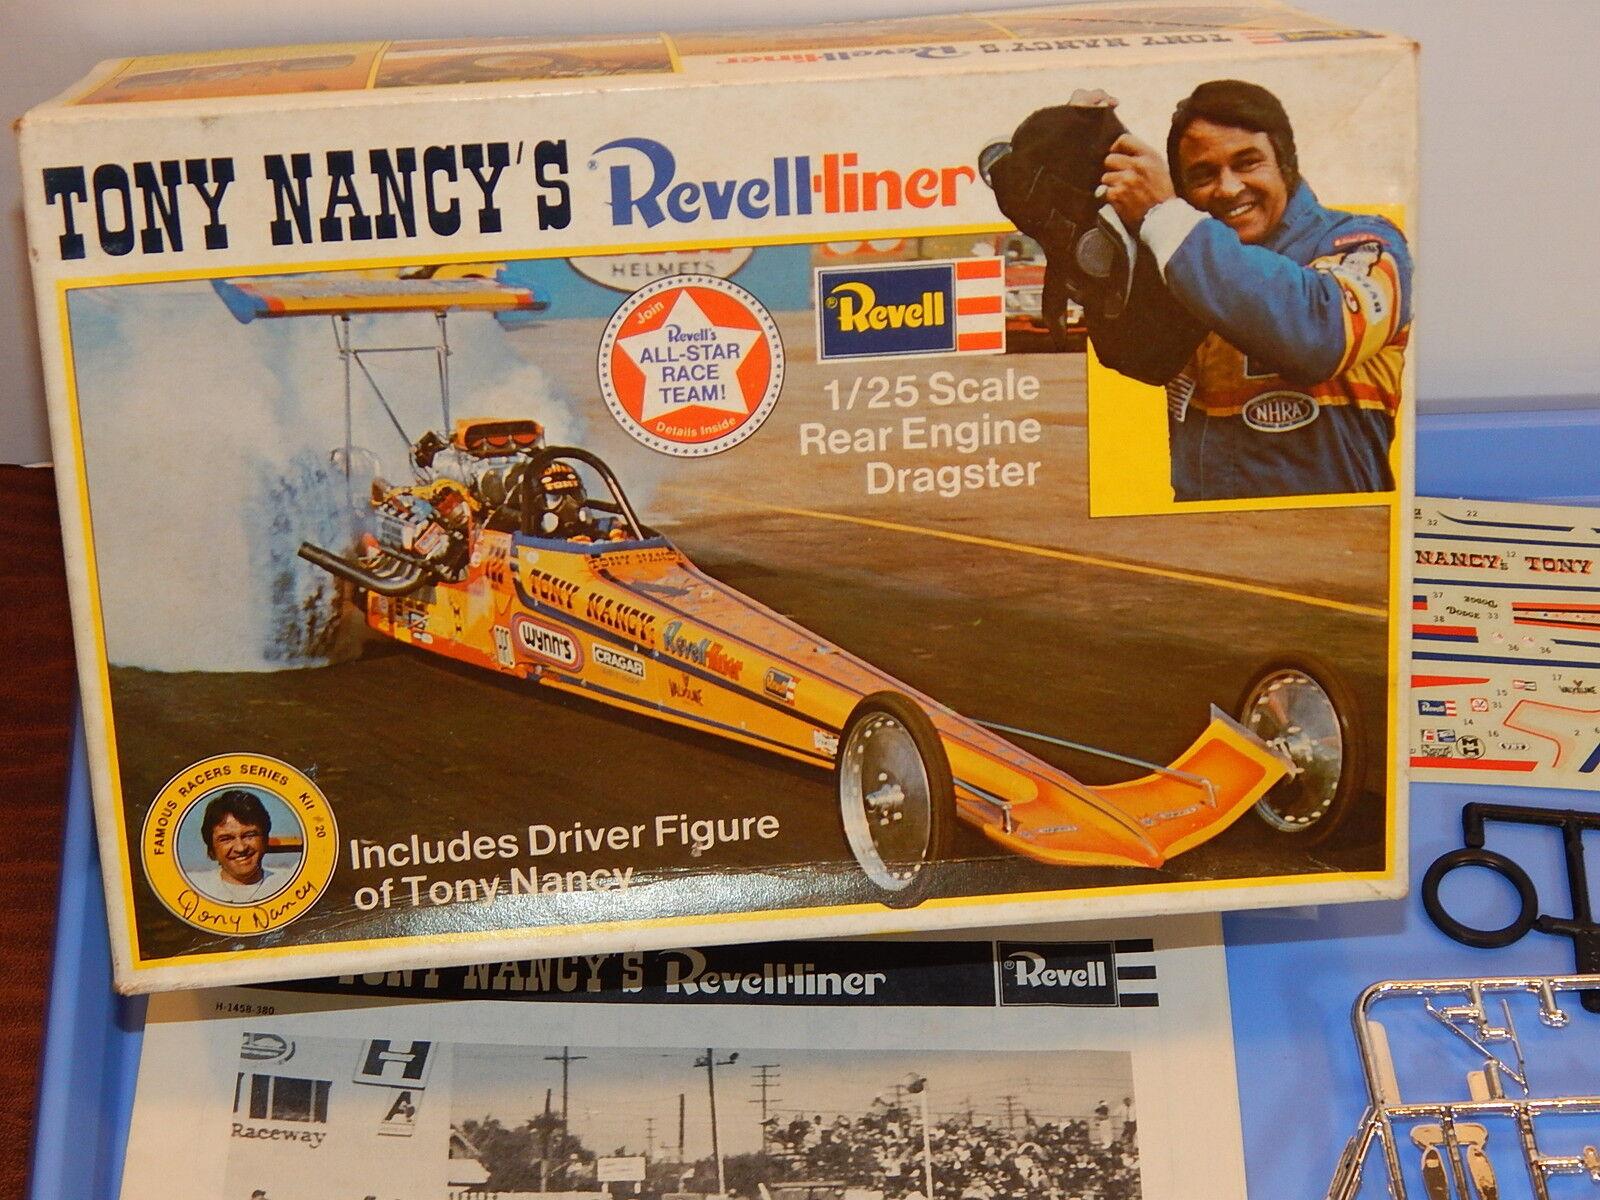 Vintage revell tony nancys revell - liner - dragster - modell